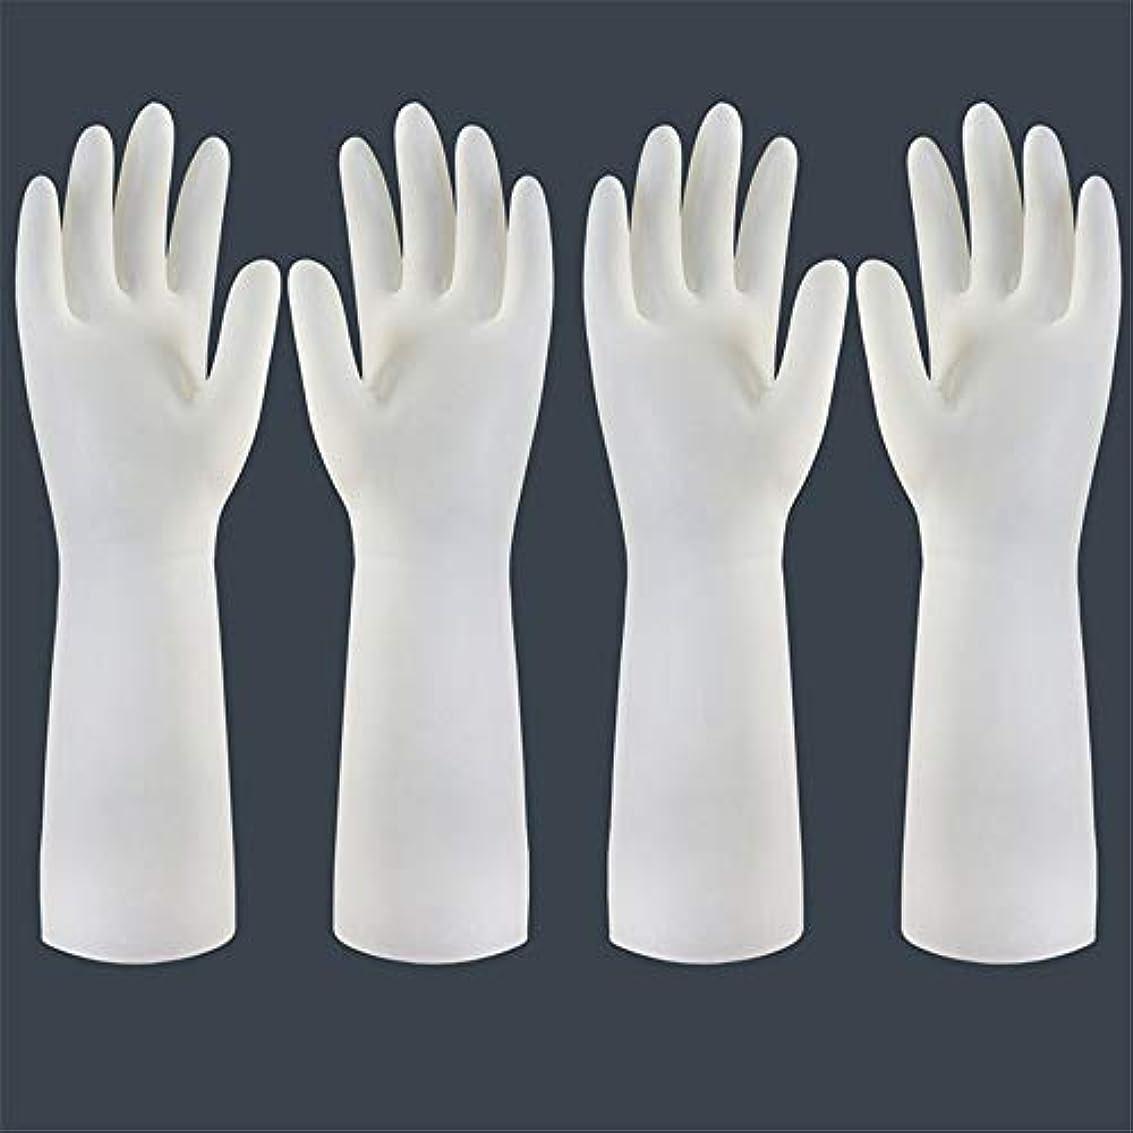 マインドフル癒す困惑した使い捨て手袋 使い捨て手袋の防水および耐久のゴム製台所手袋、小/中/大 ニトリルゴム手袋 (Color : Long-2 pair, Size : S)